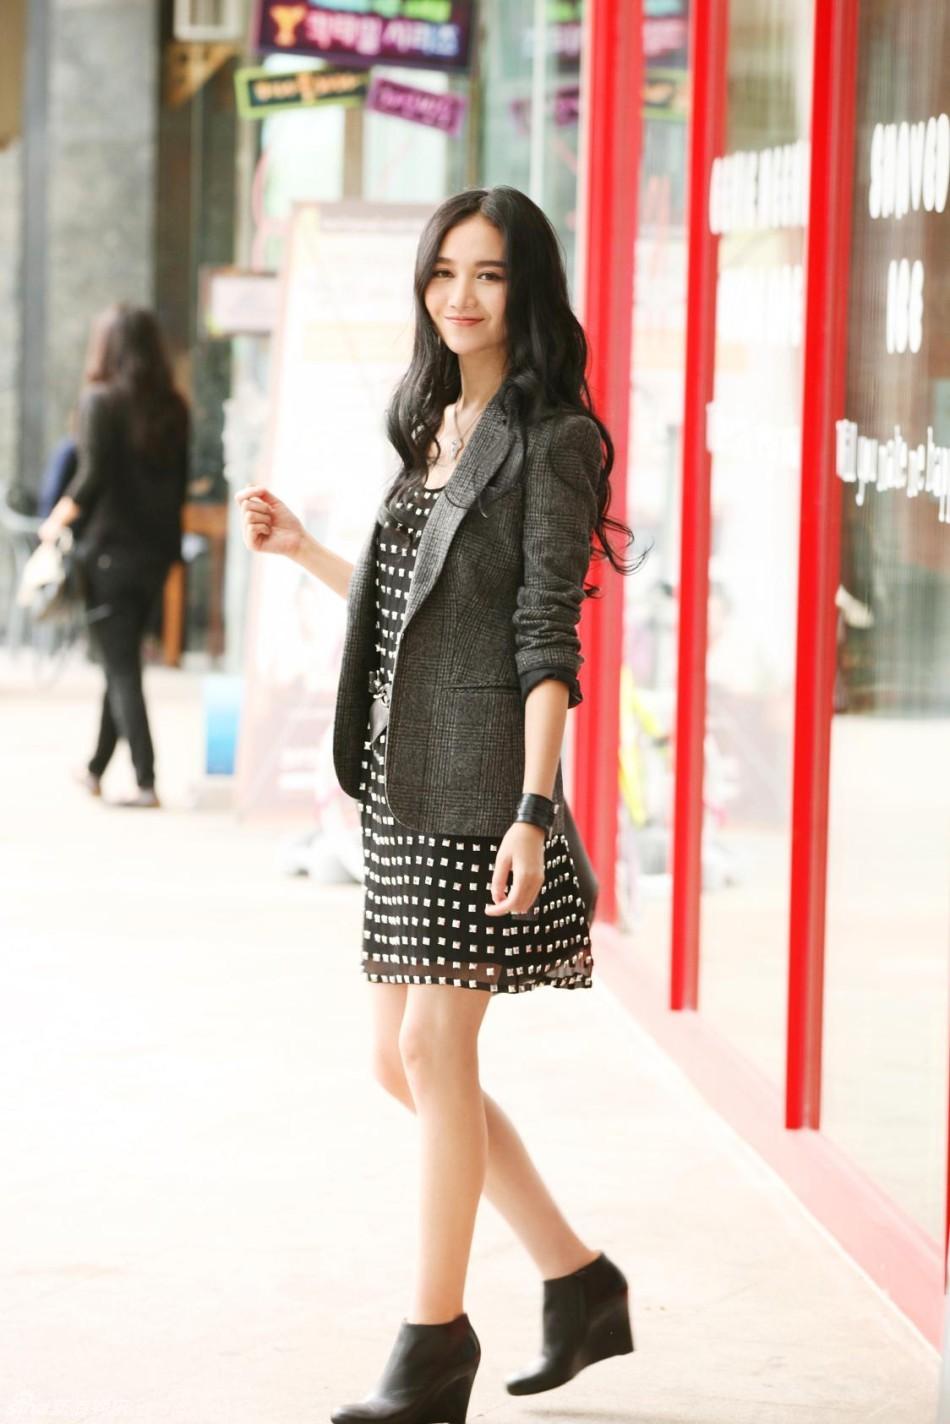 http://www.sinaimg.cn/dy/slidenews/4_img/2013_32/704_1050604_675278.jpg